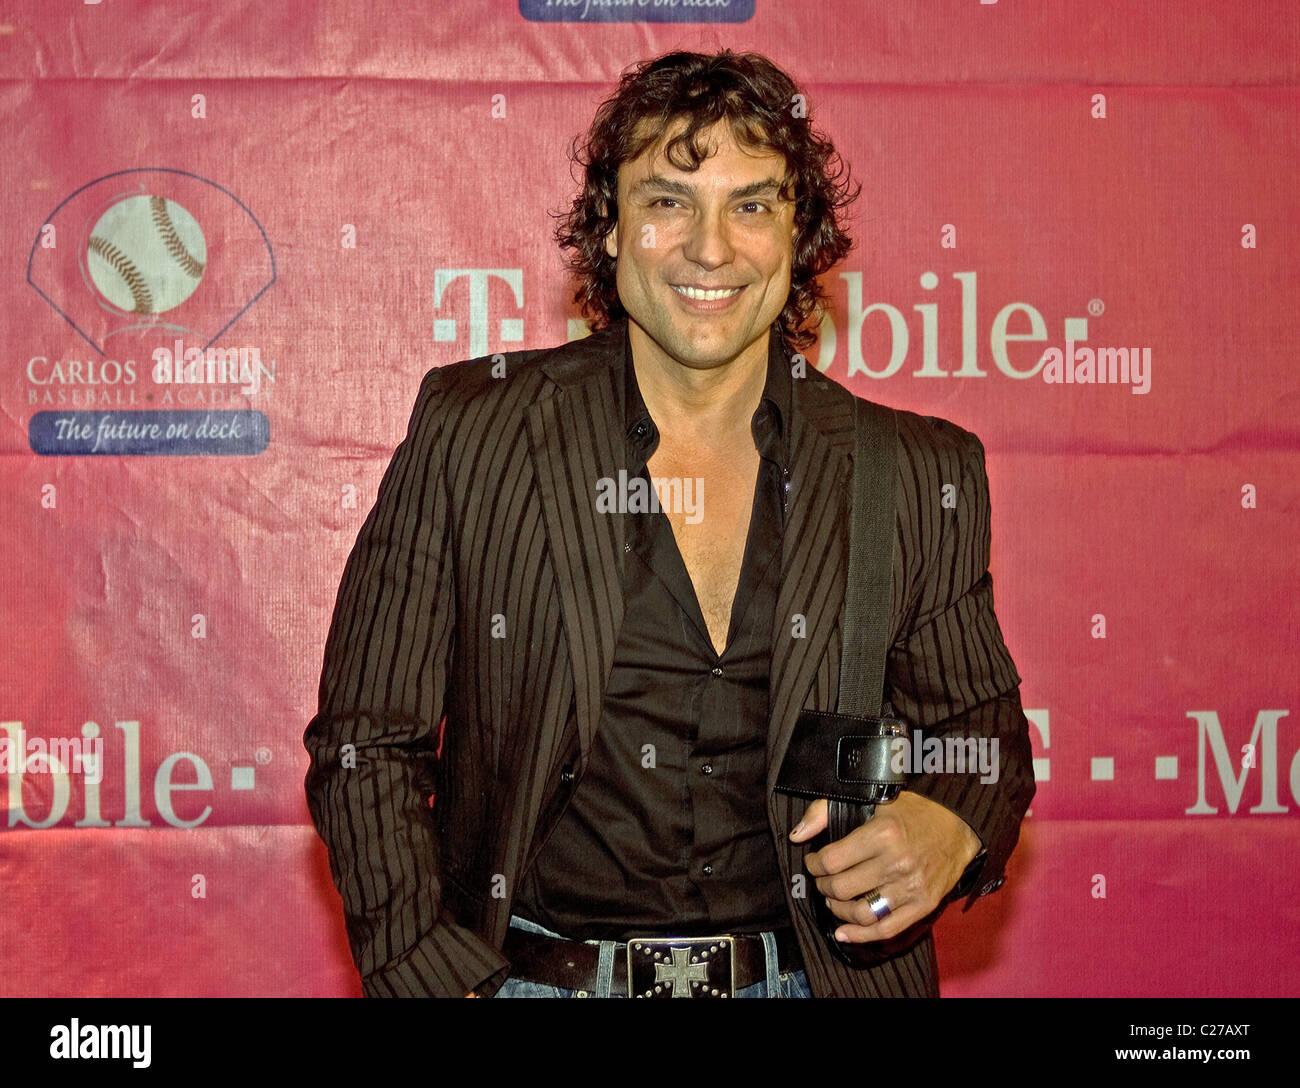 Osvaldo Rios Carlos Beltran Foundation Gala Celebrada En El